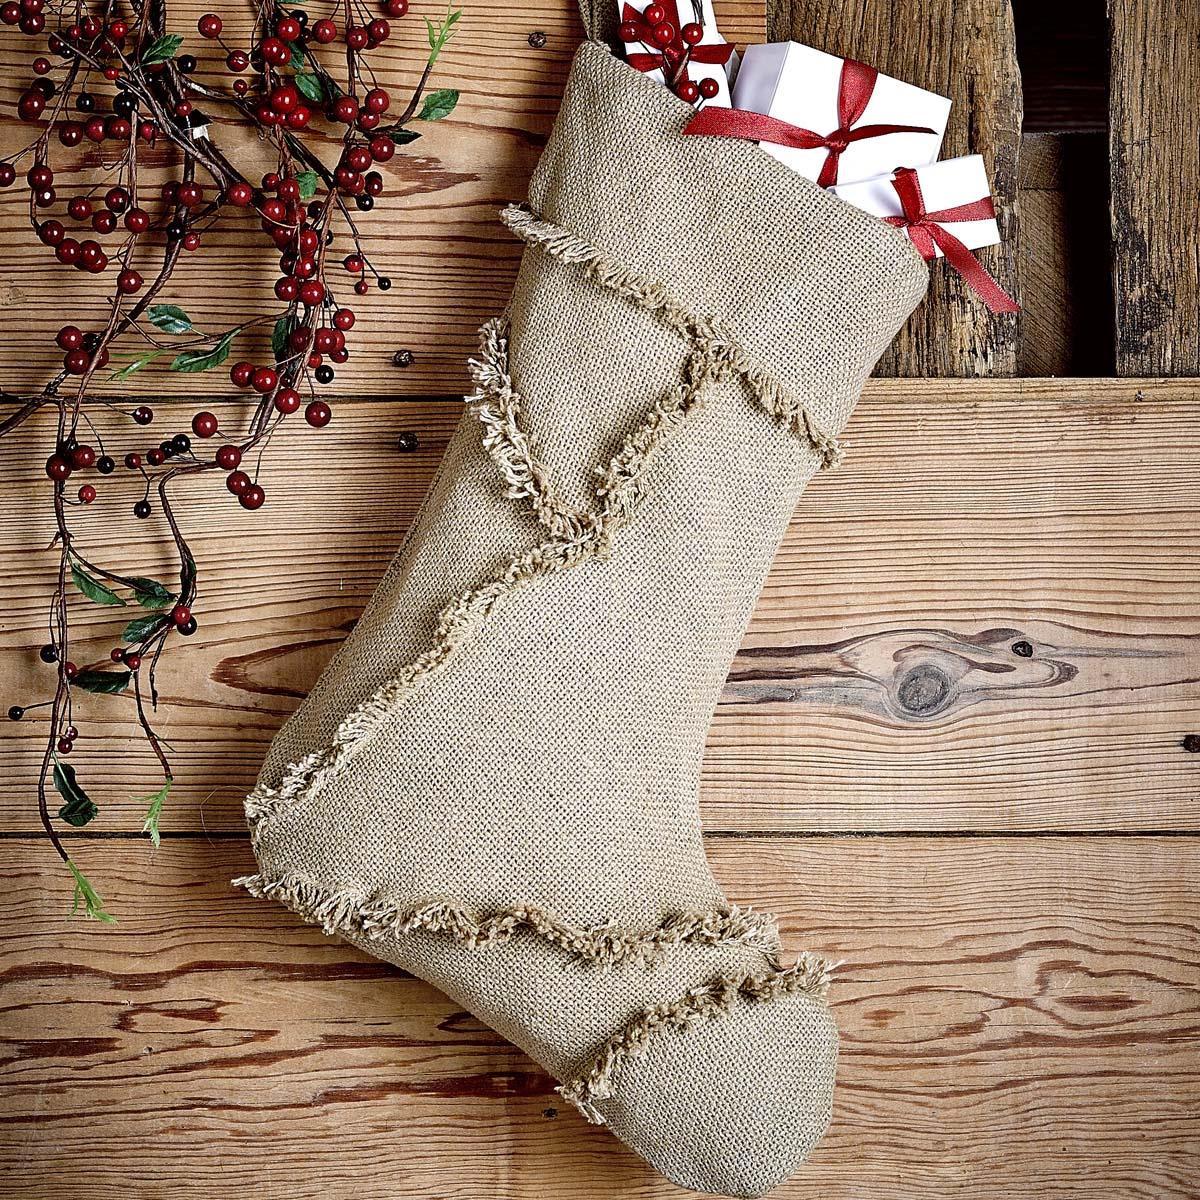 Burlap Natural Reverse Seam Stocking - 840528103315